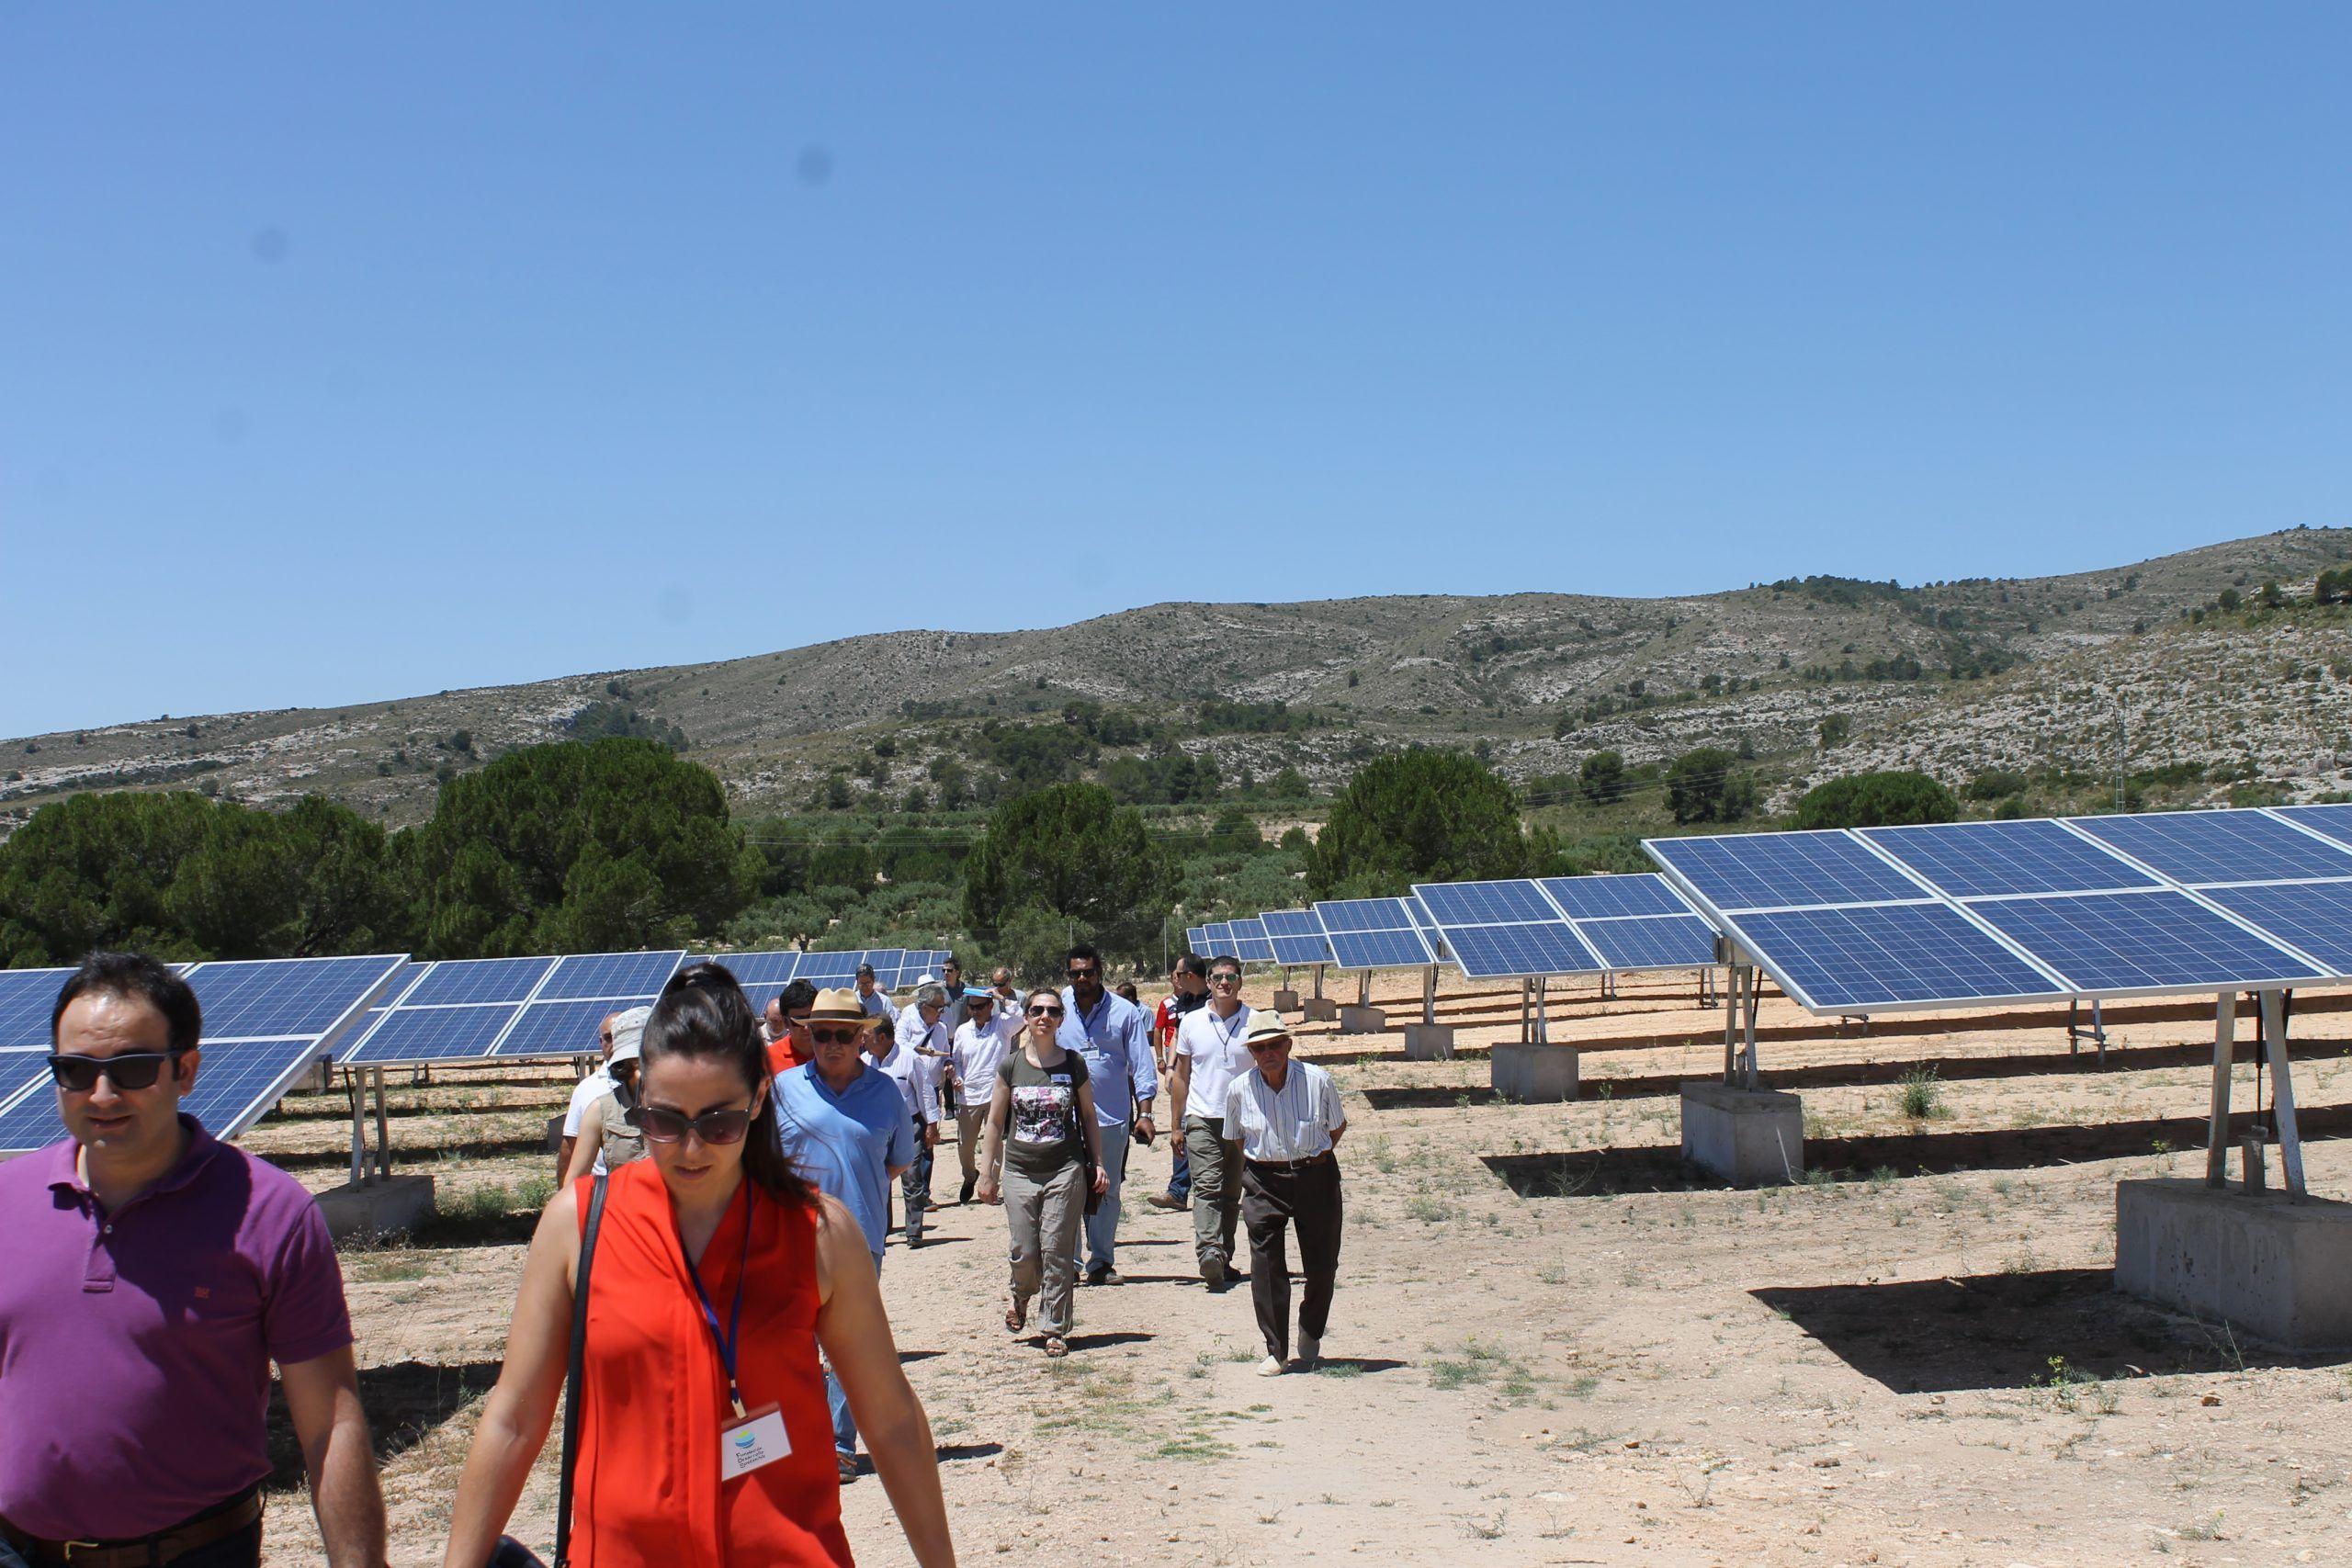 IMG 7790 - Los agricultores y regantes de Cehegín visitan una instalación de riego con bombeo solar